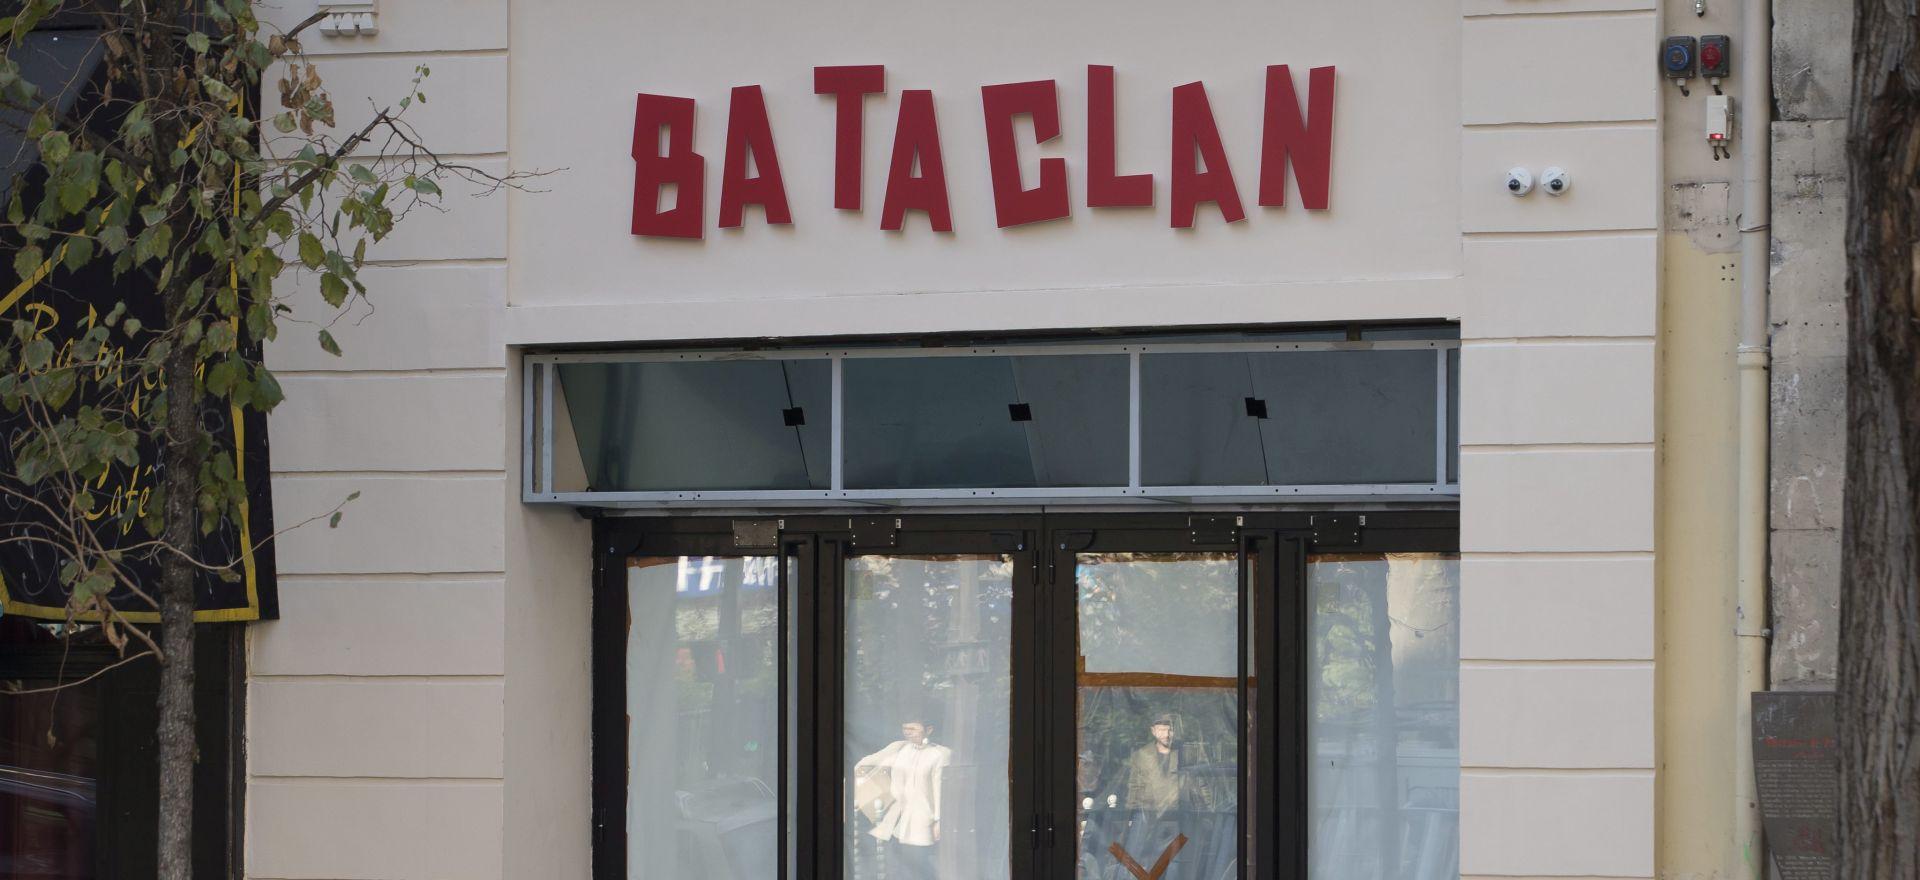 Francuska desnica prosvjeduje protiv nastupa repera Medinea u Bataclanu